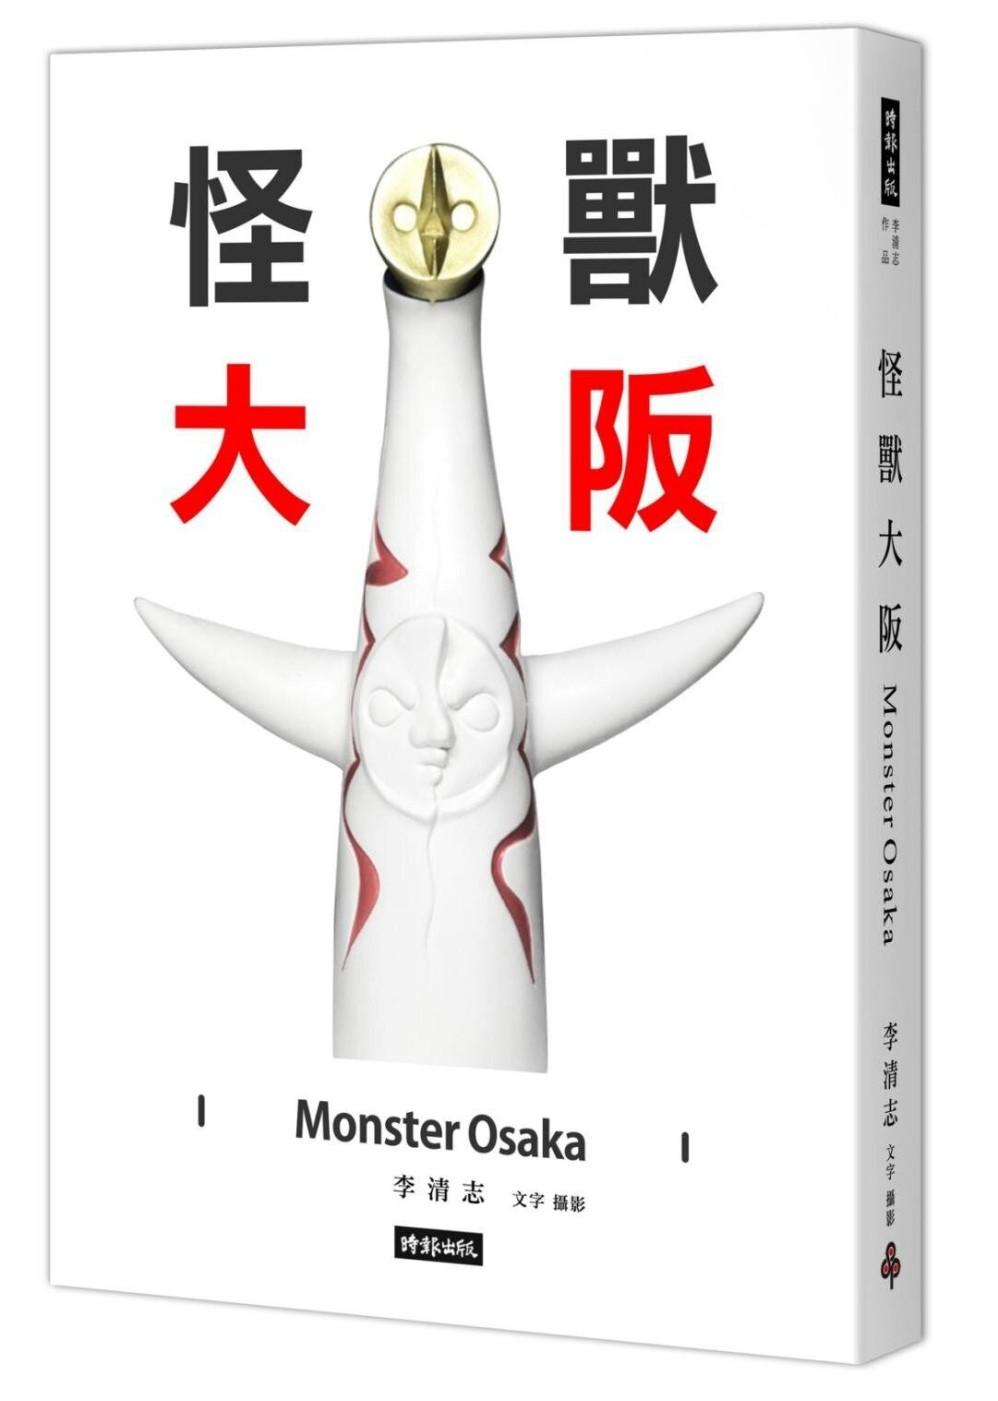 【限量作者親簽】怪獸大阪